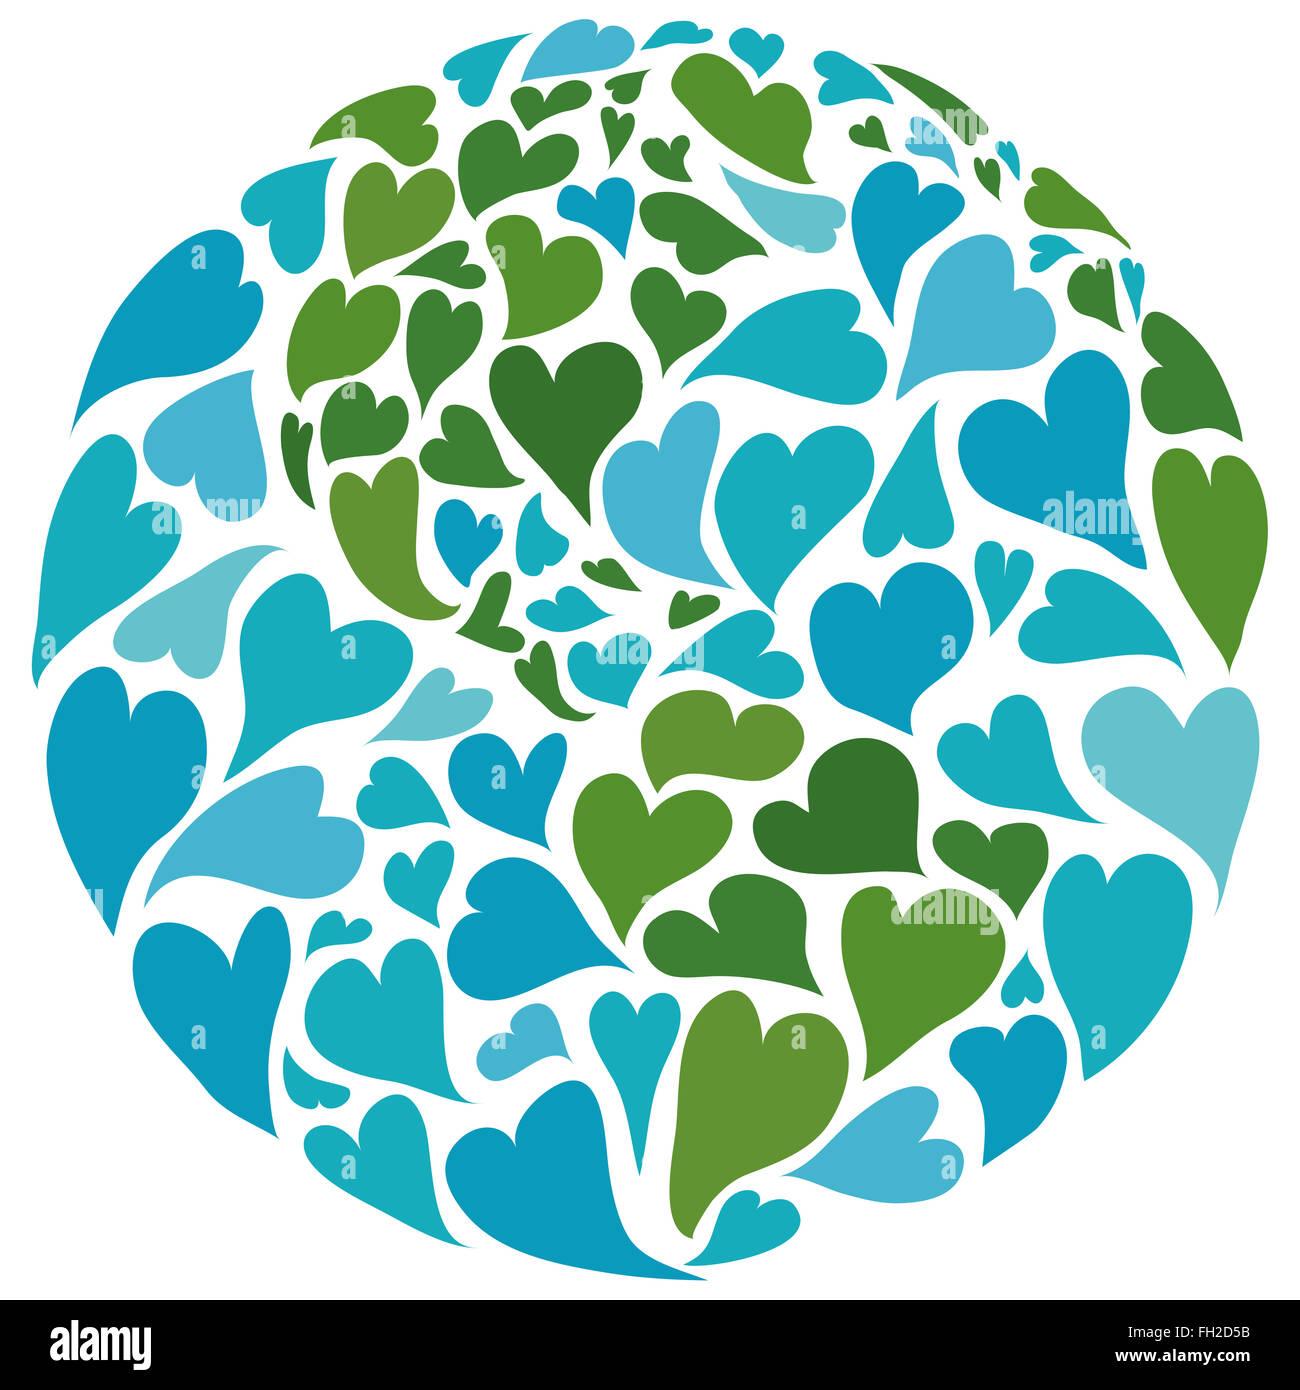 Planet Erde Aus Herzen. Symbol des Friedens. Amerika in der Mitte. Stockbild